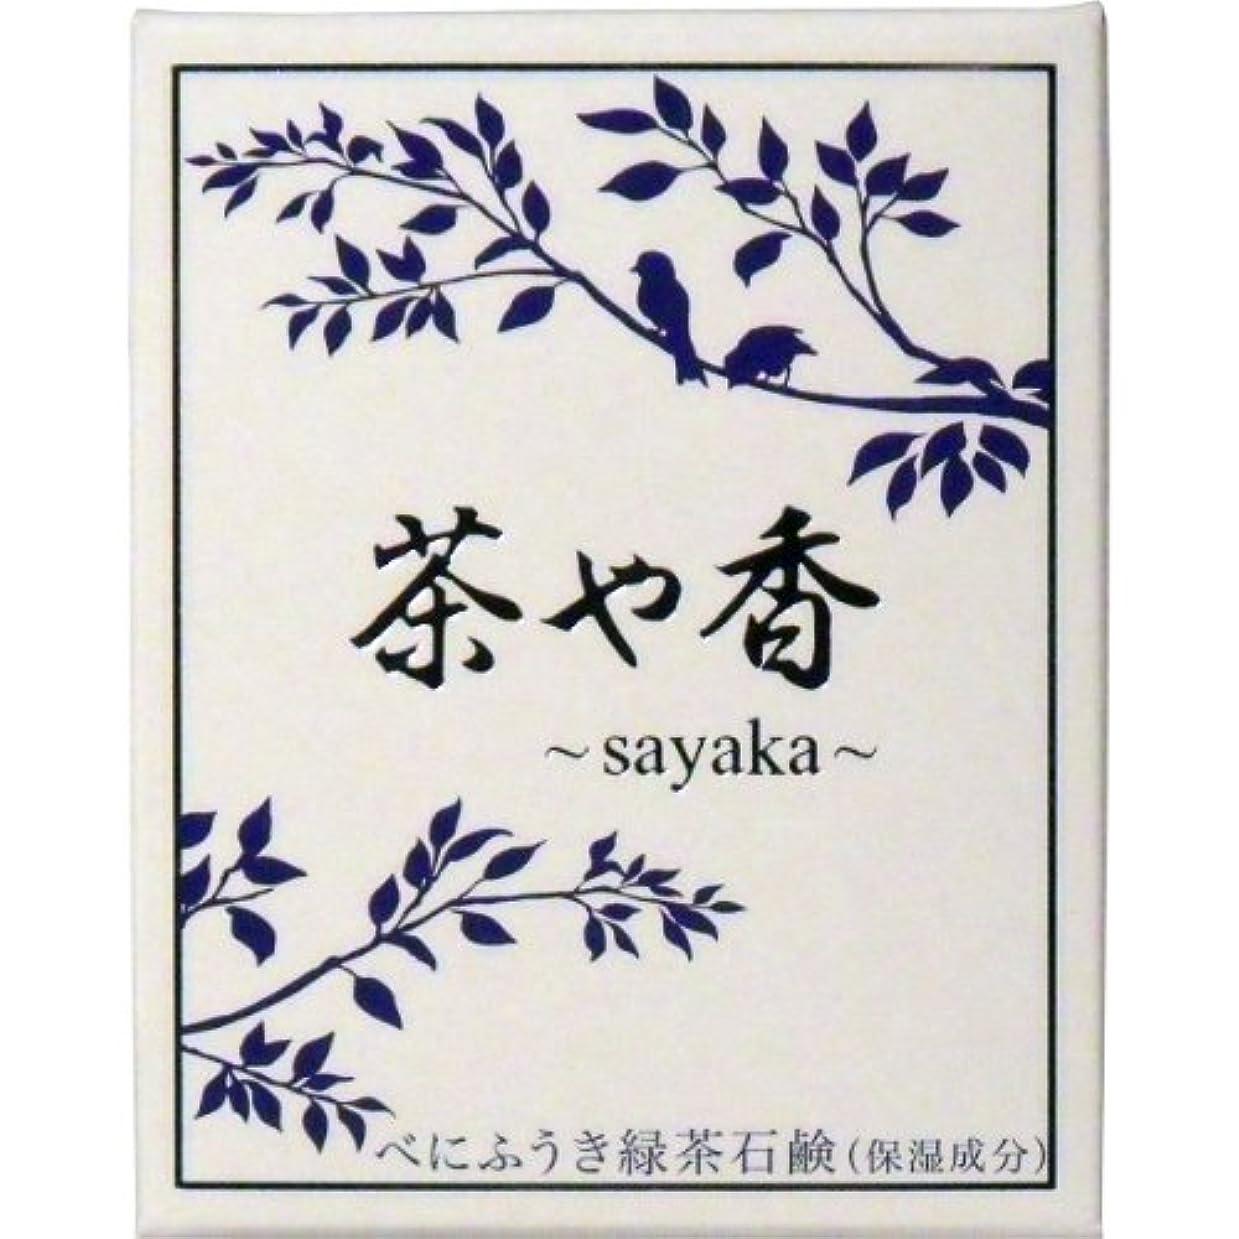 苦難教育学通知茶や香 -sayaka- べにふうき緑茶石鹸 100g入 ×10個セット